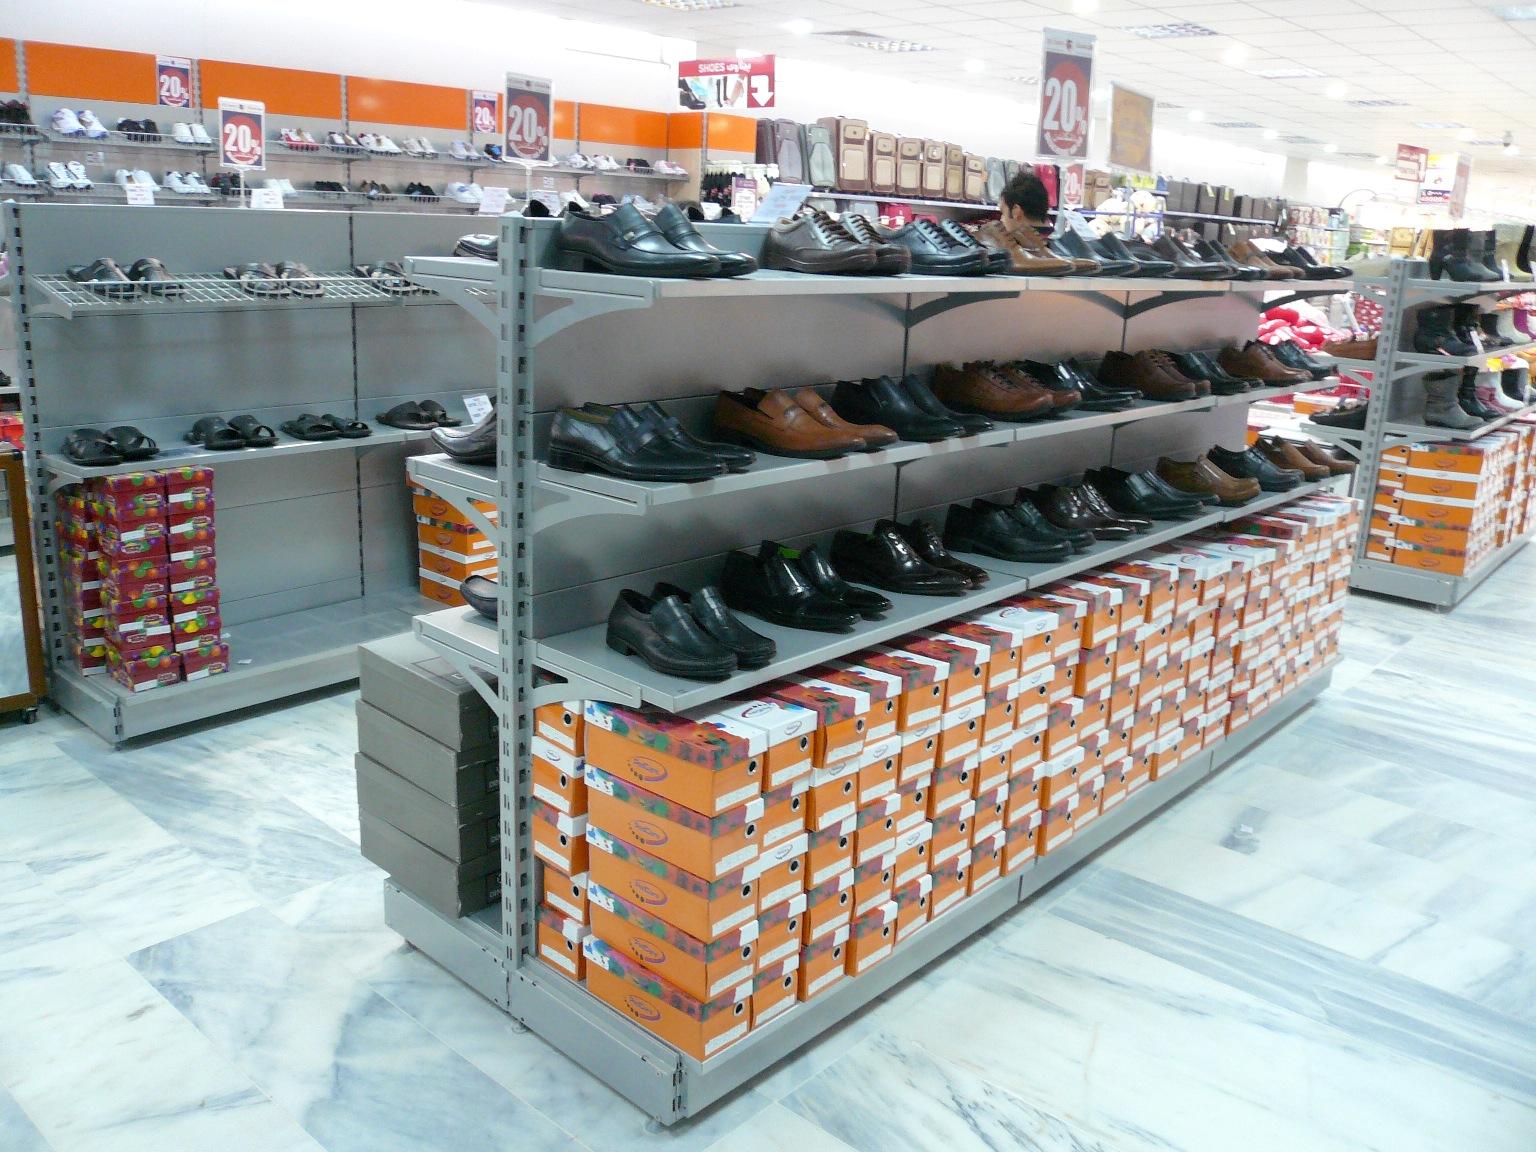 מדפי העליה -6- מדפים לחנויות נעליים